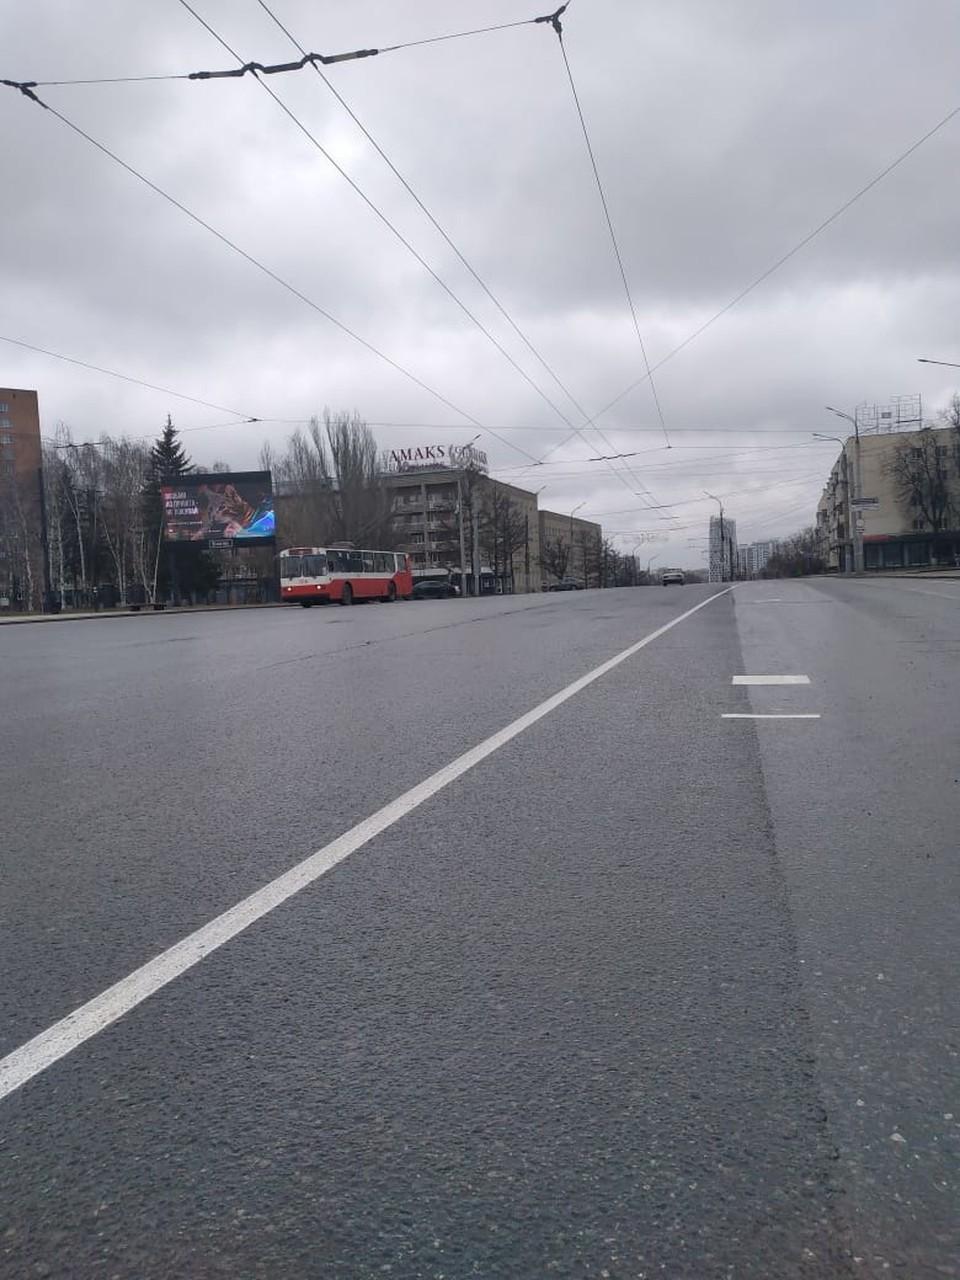 Водителям необходимо на участке ориентироваться на знаки, Фото: Администрация Ижевска